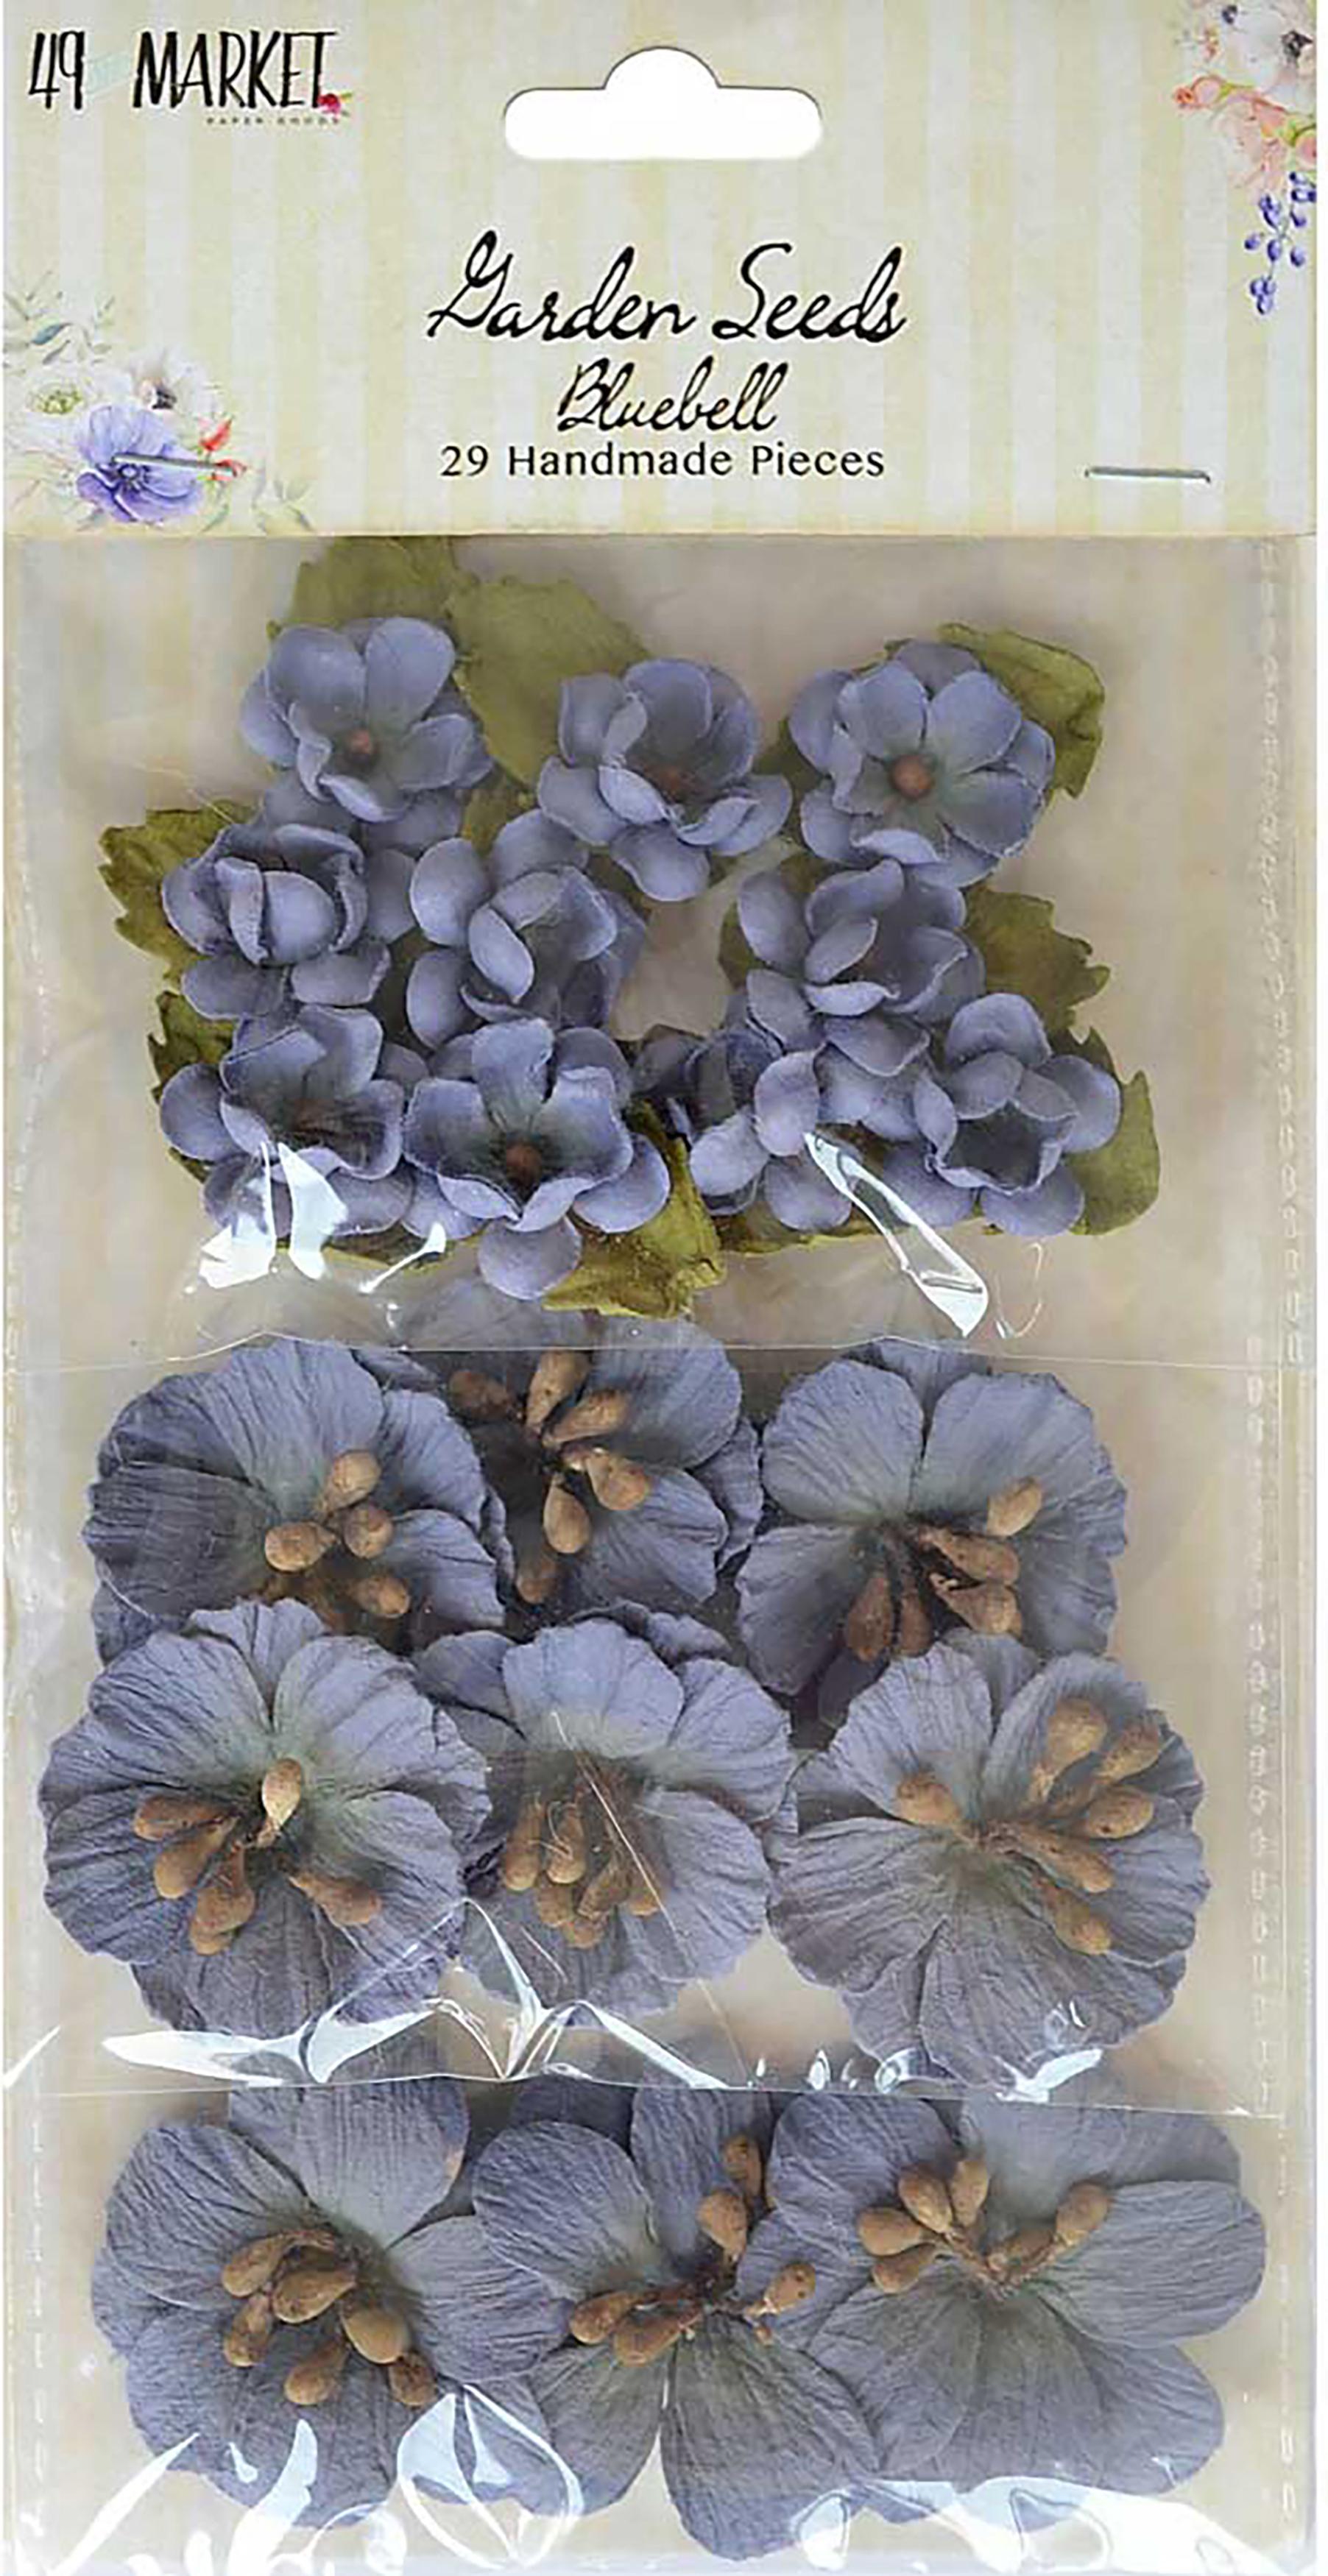 Garden Seeds - Bluebell